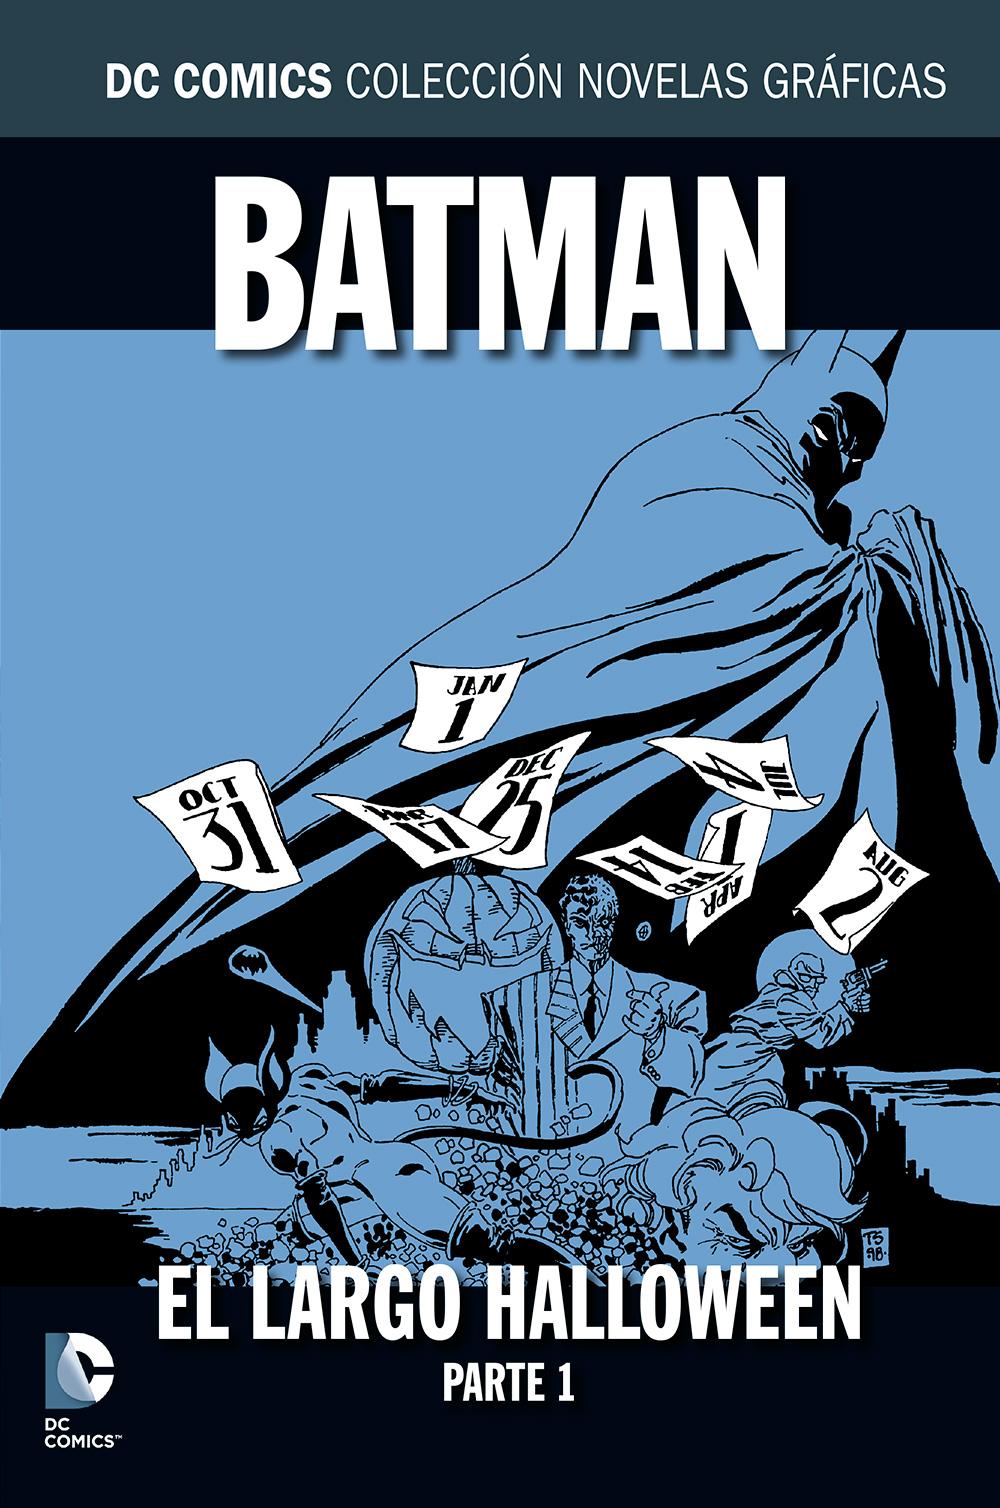 836 - [DC - Salvat] La Colección de Novelas Gráficas de DC Comics  Salvat_19_cover